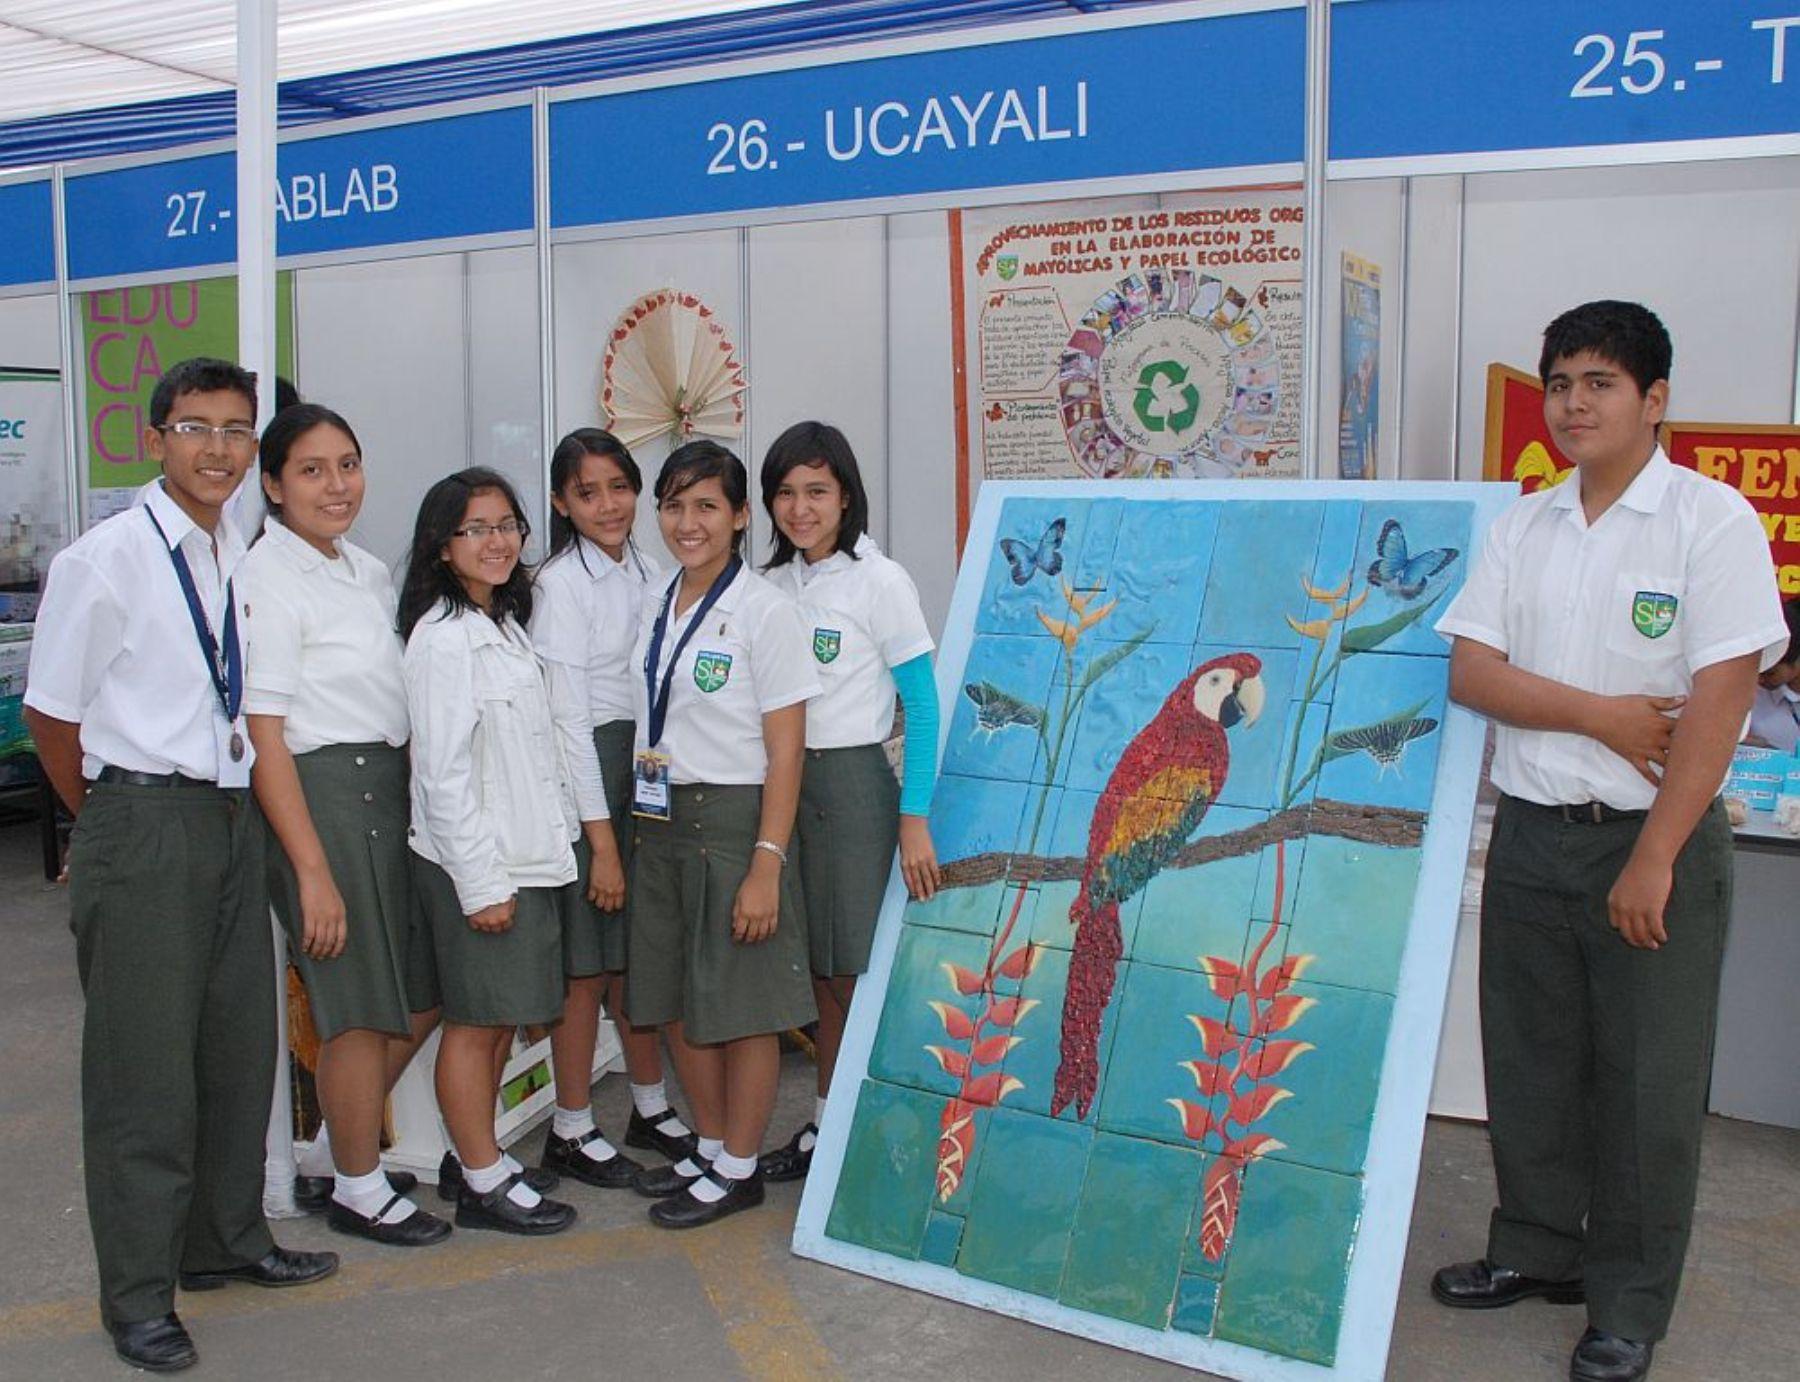 Escolares de Ucayali compiten en feria científica y tecnológica en Brasil. Foto: Concytec.